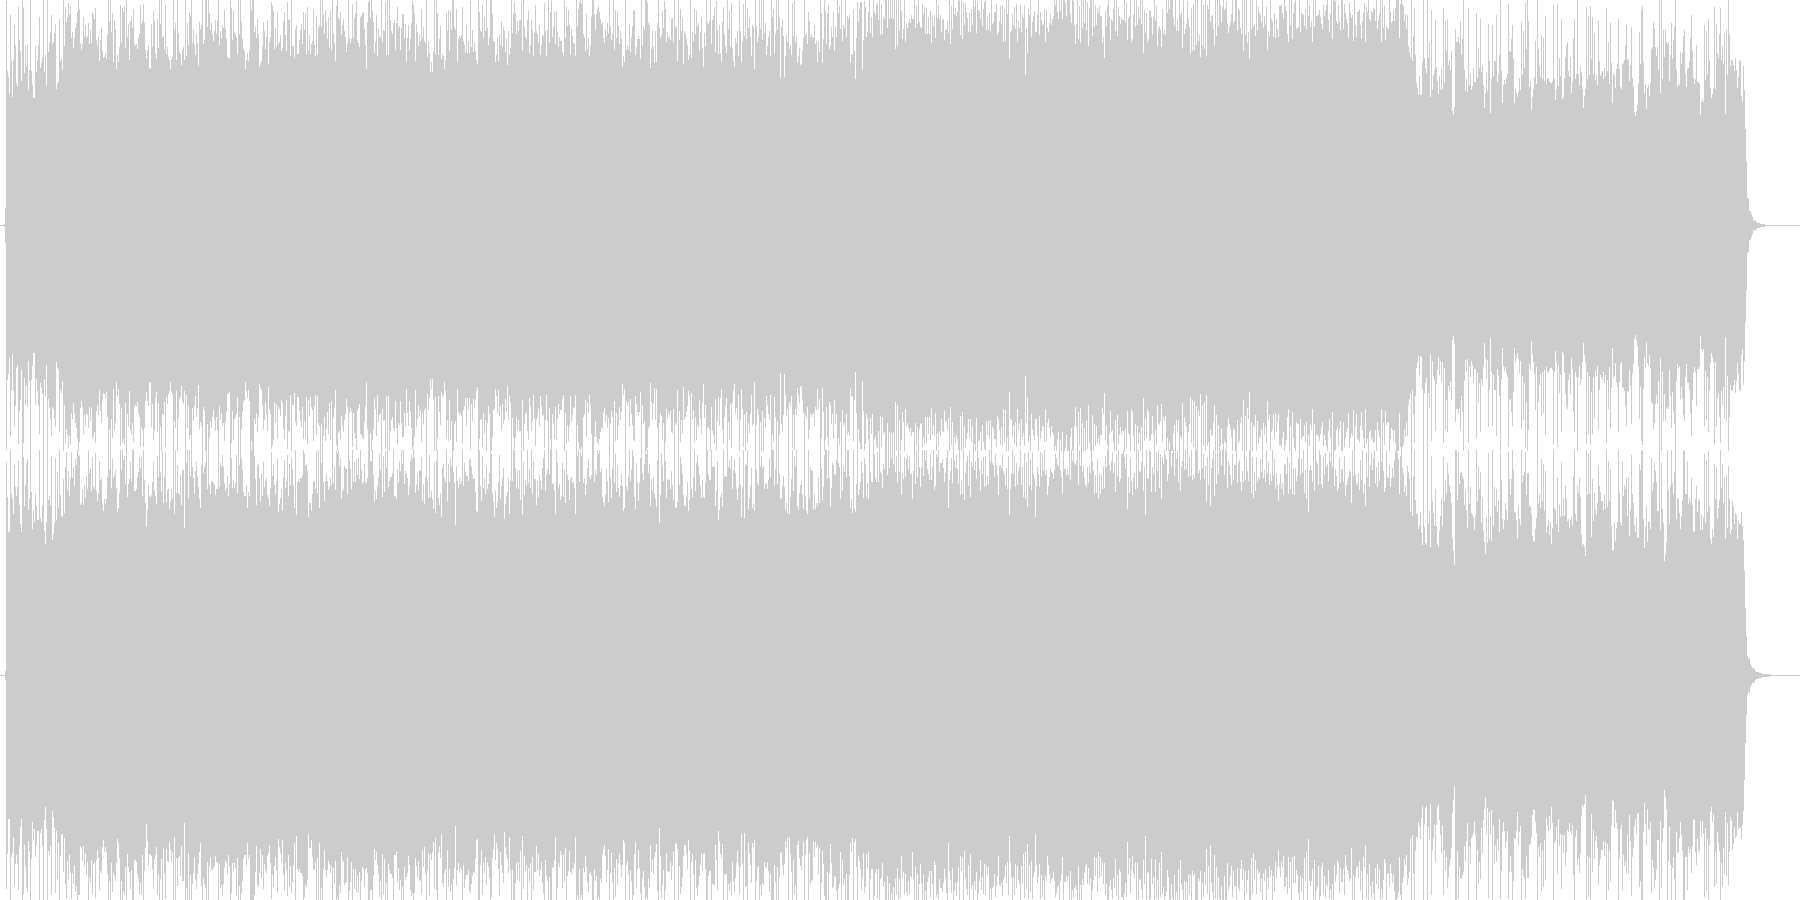 重厚感・スピード感のある激しいロックの未再生の波形